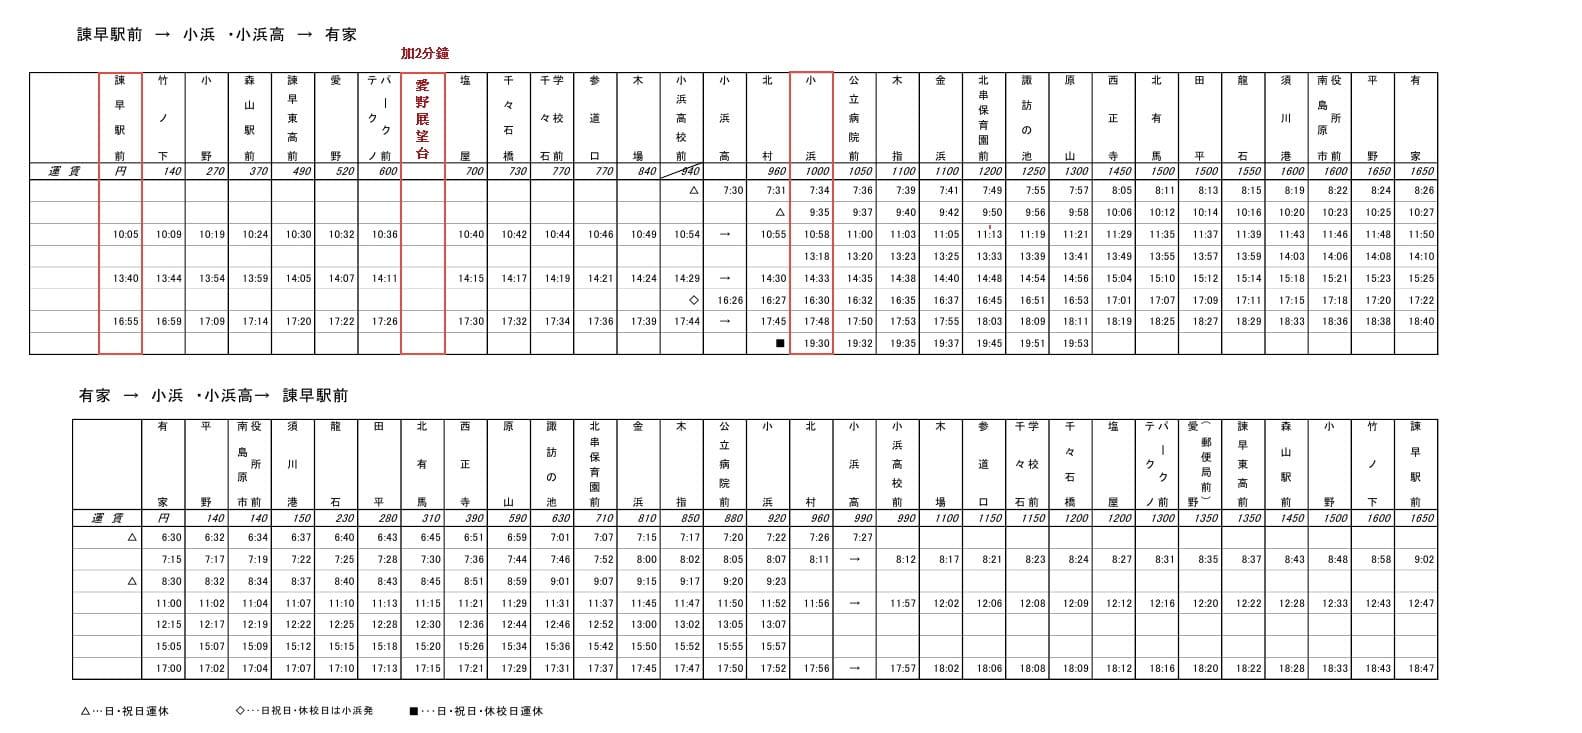 諌早駅前 → 愛野展望台 → 小浜 → 雲仙 → 島原駅前線巴士時刻表